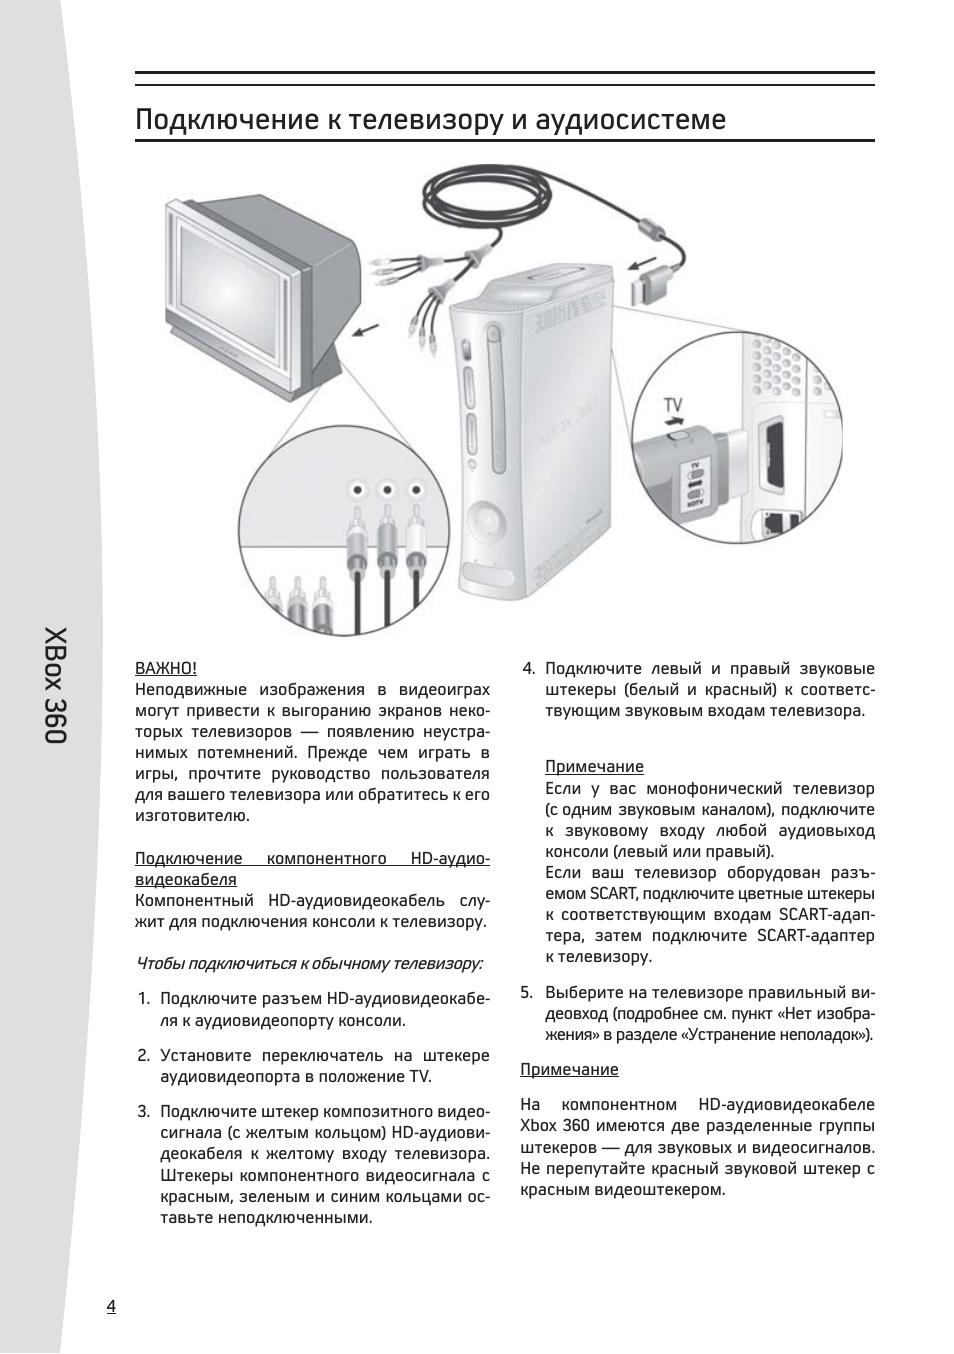 Xbo x 360, Подключение к телевизору и аудиосистеме